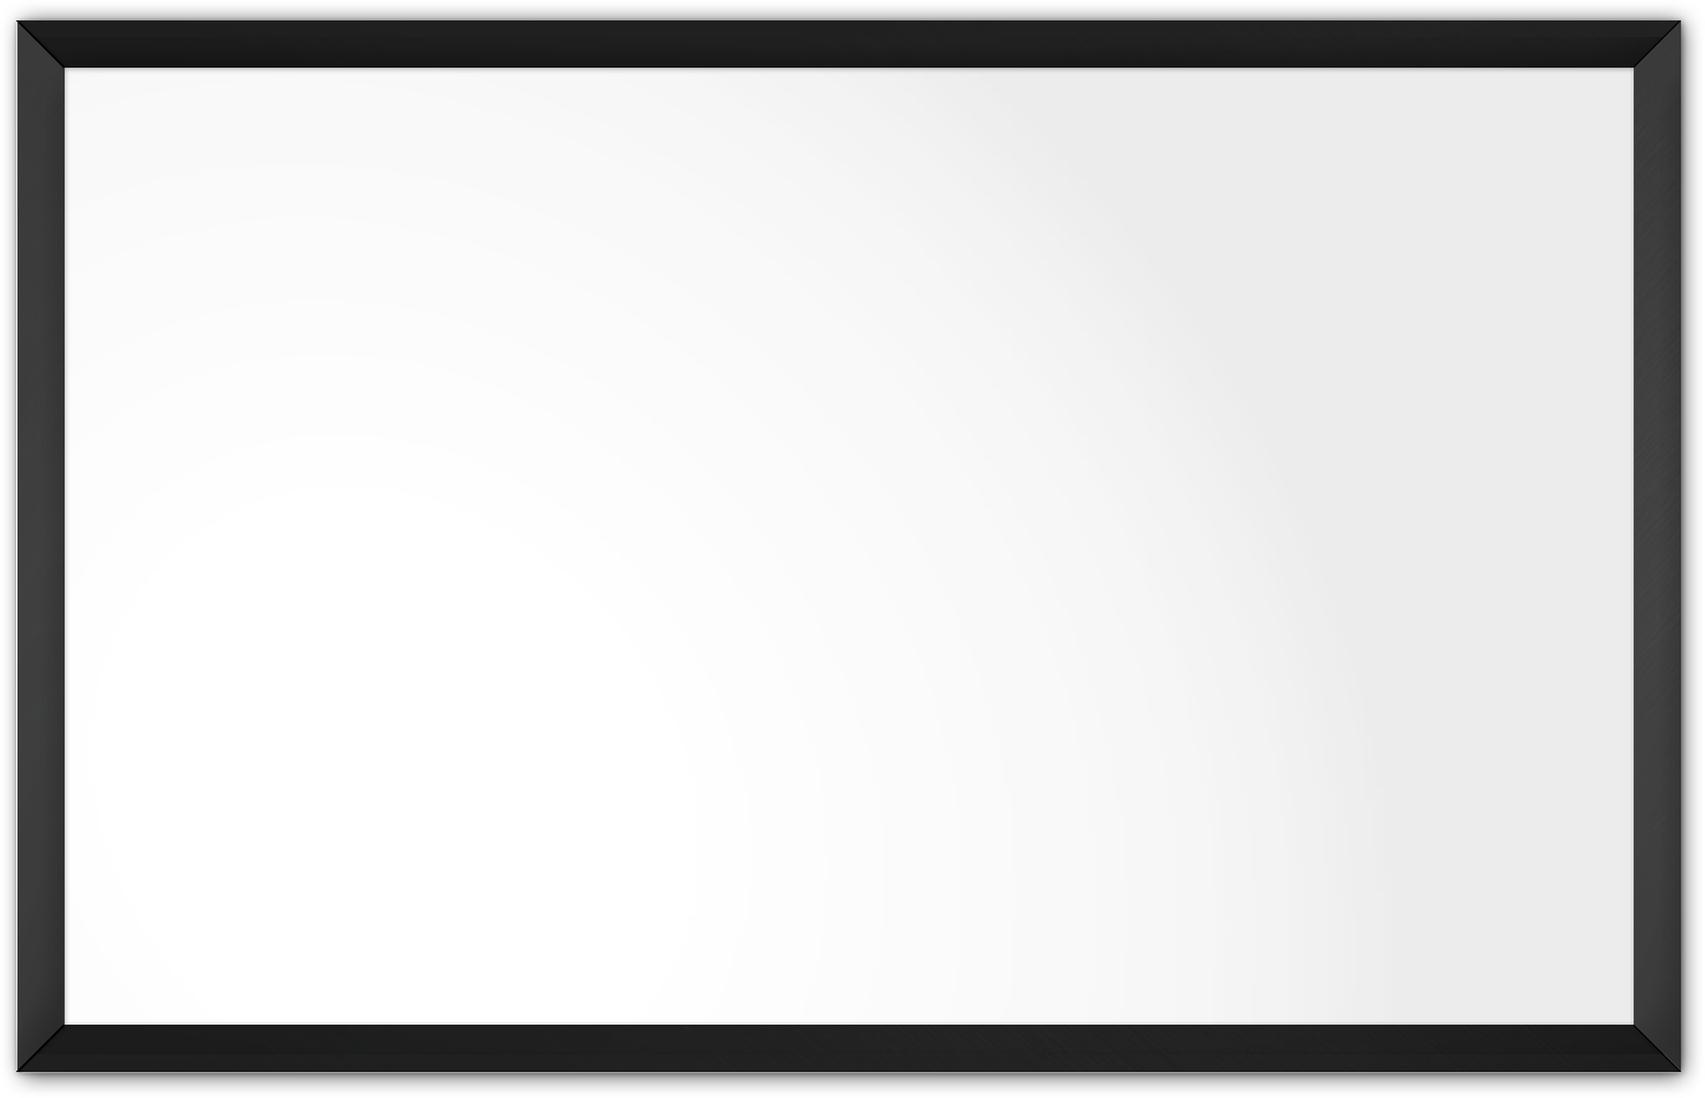 comfortSoft1500 ir. verw.paneel, 750W, 1250 x 790 mm, lelie wit, lijst mat zwart, softline